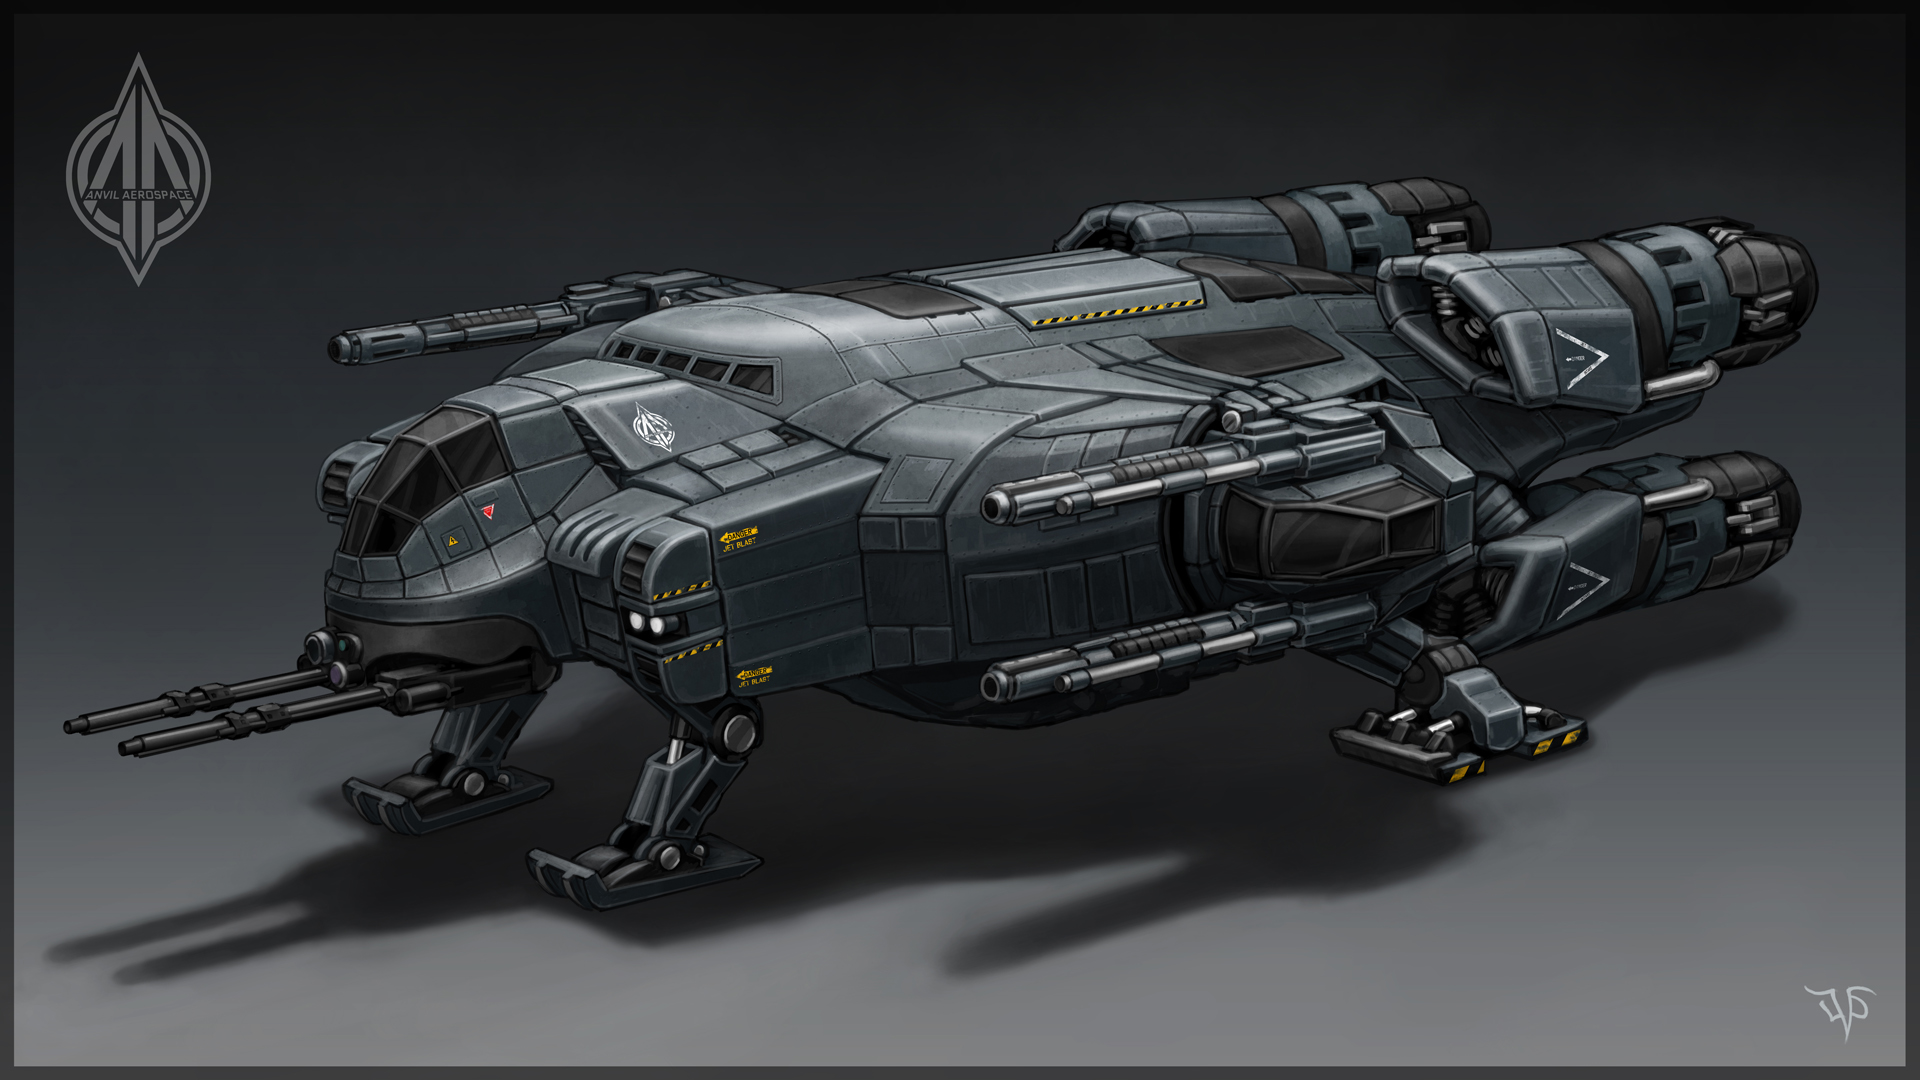 Gunship concept by leonovichdmitriy on deviantart